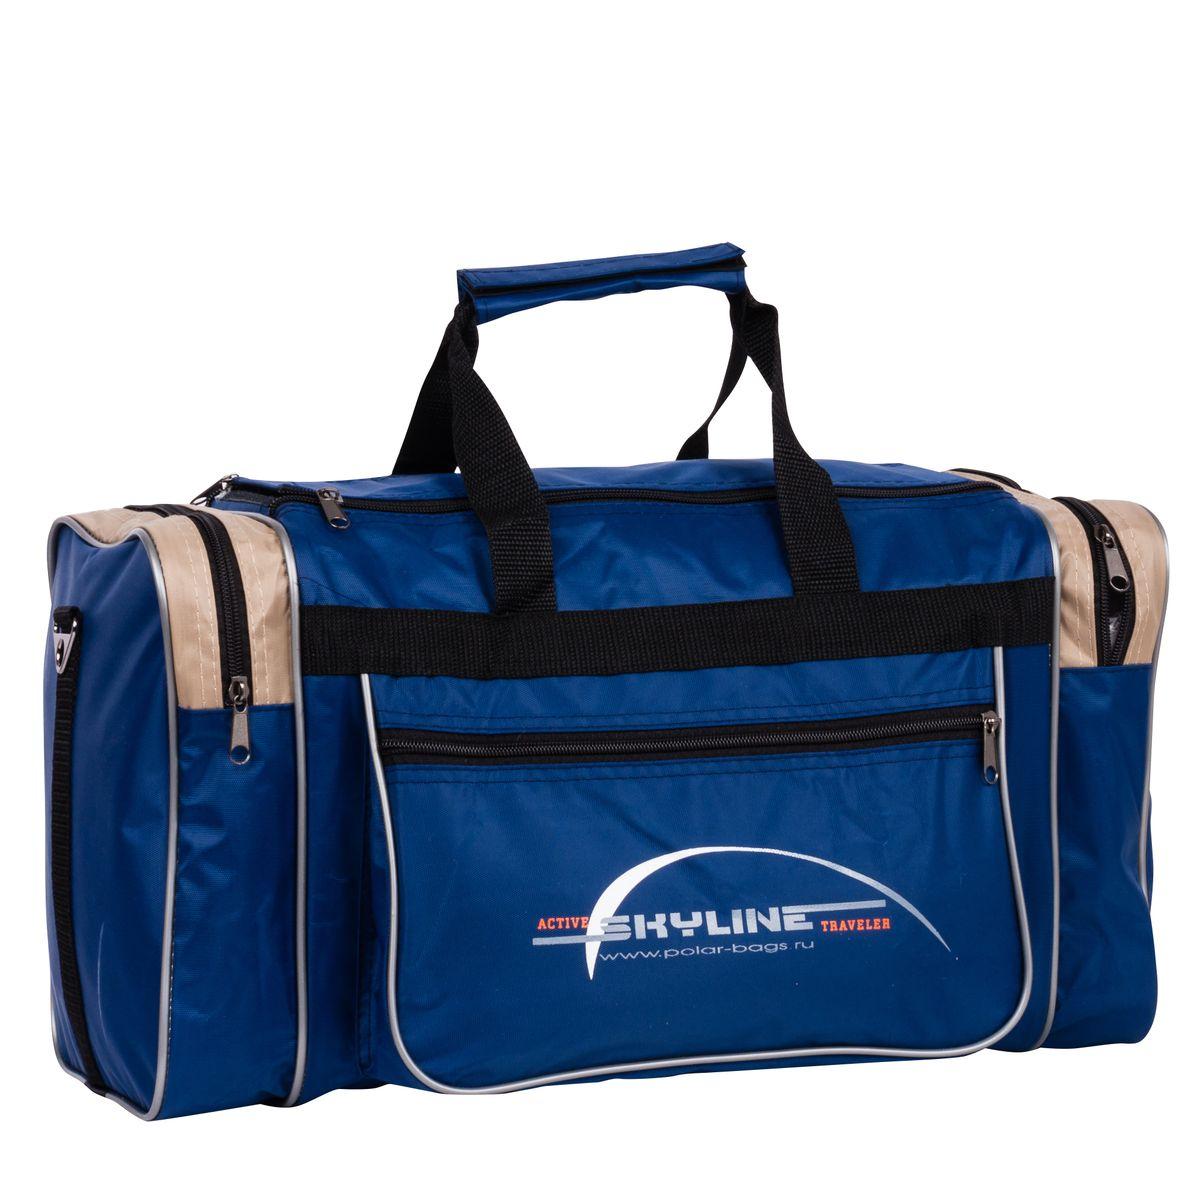 Сумка спортивная Polar, цвет: синий, бежевый, 23 л. 60096009_синий, бежевыйМатериал – полиэстер с водоотталкивающей пропиткой. Вместительная спортивная сумка среднего размера. Одно отделение. Два боковых кармана и два кармана на передней части. В комплект входит съемный плечевой ремень. Эта сумка идеально подойдет для спорта и отдыха. Спортивная сумка для ваших вещей.